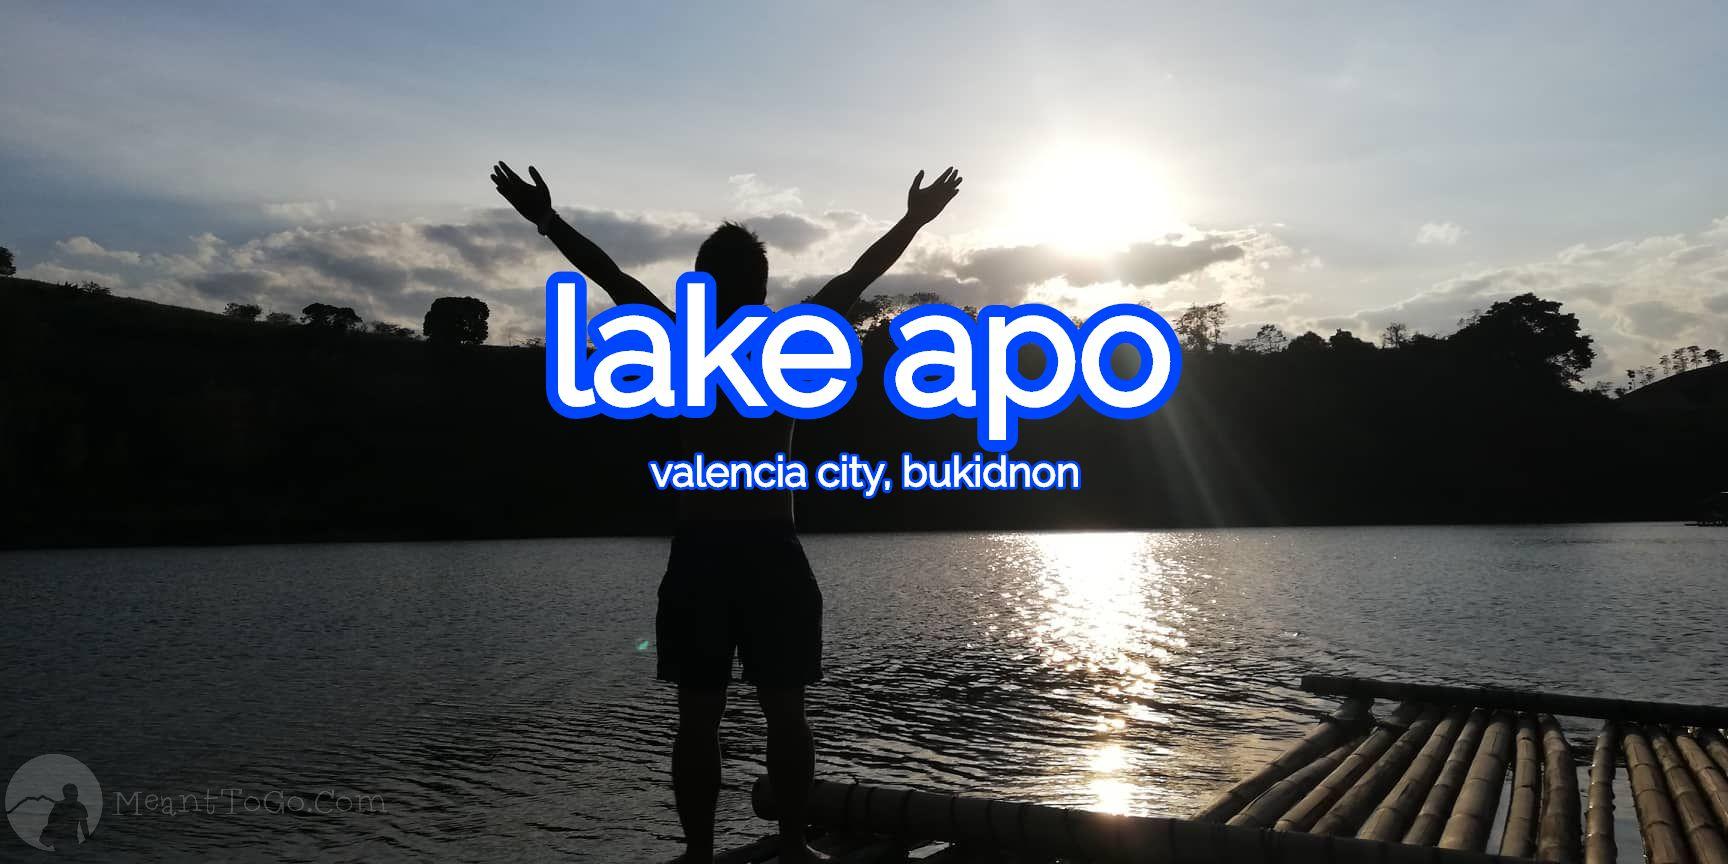 lake apo, valencia city, bukidnon